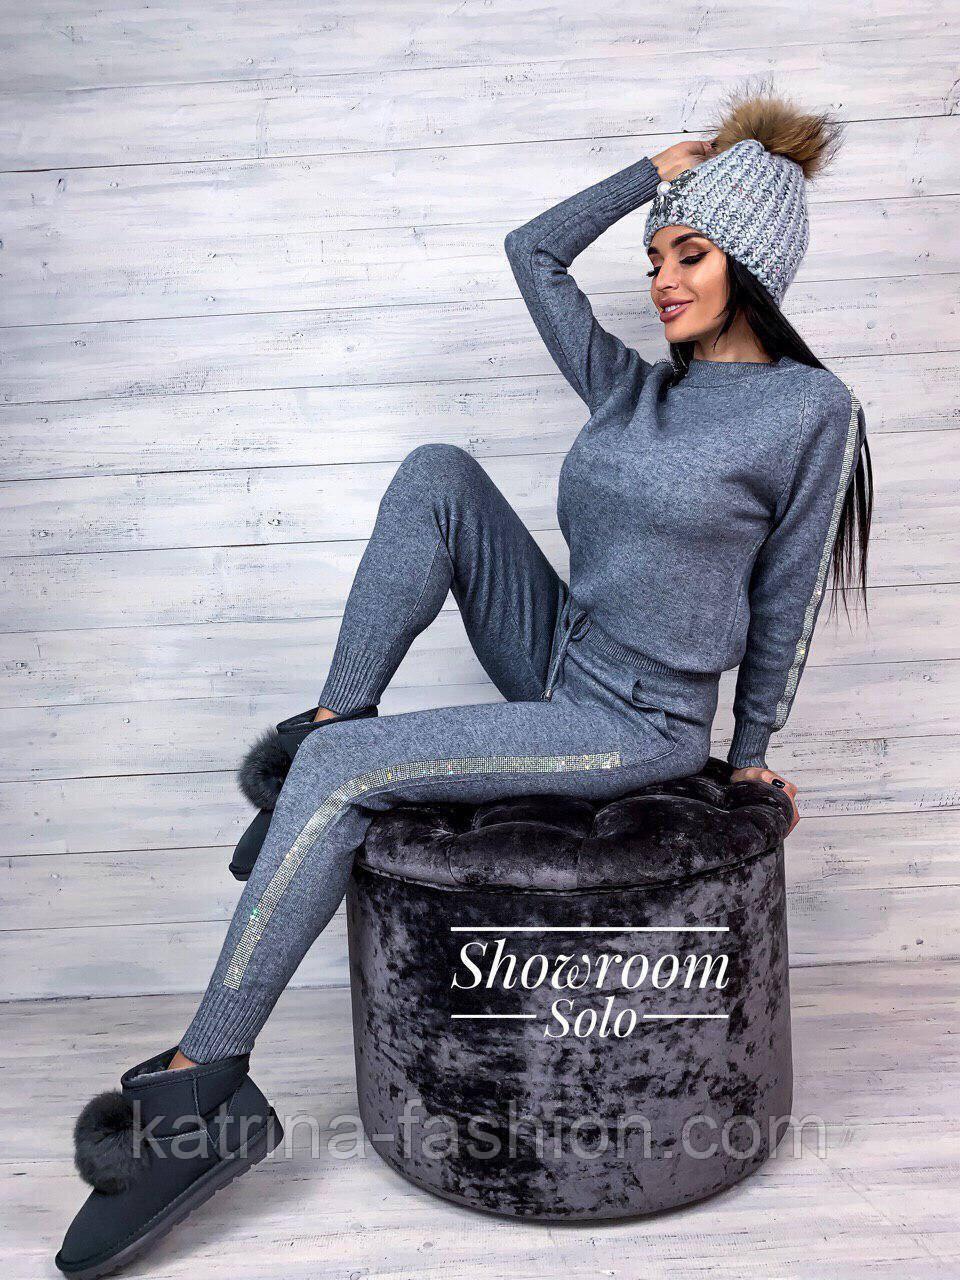 Женский очень приятный теплый кашемировый качественный вязаный костюм с узором под горло с манжетами